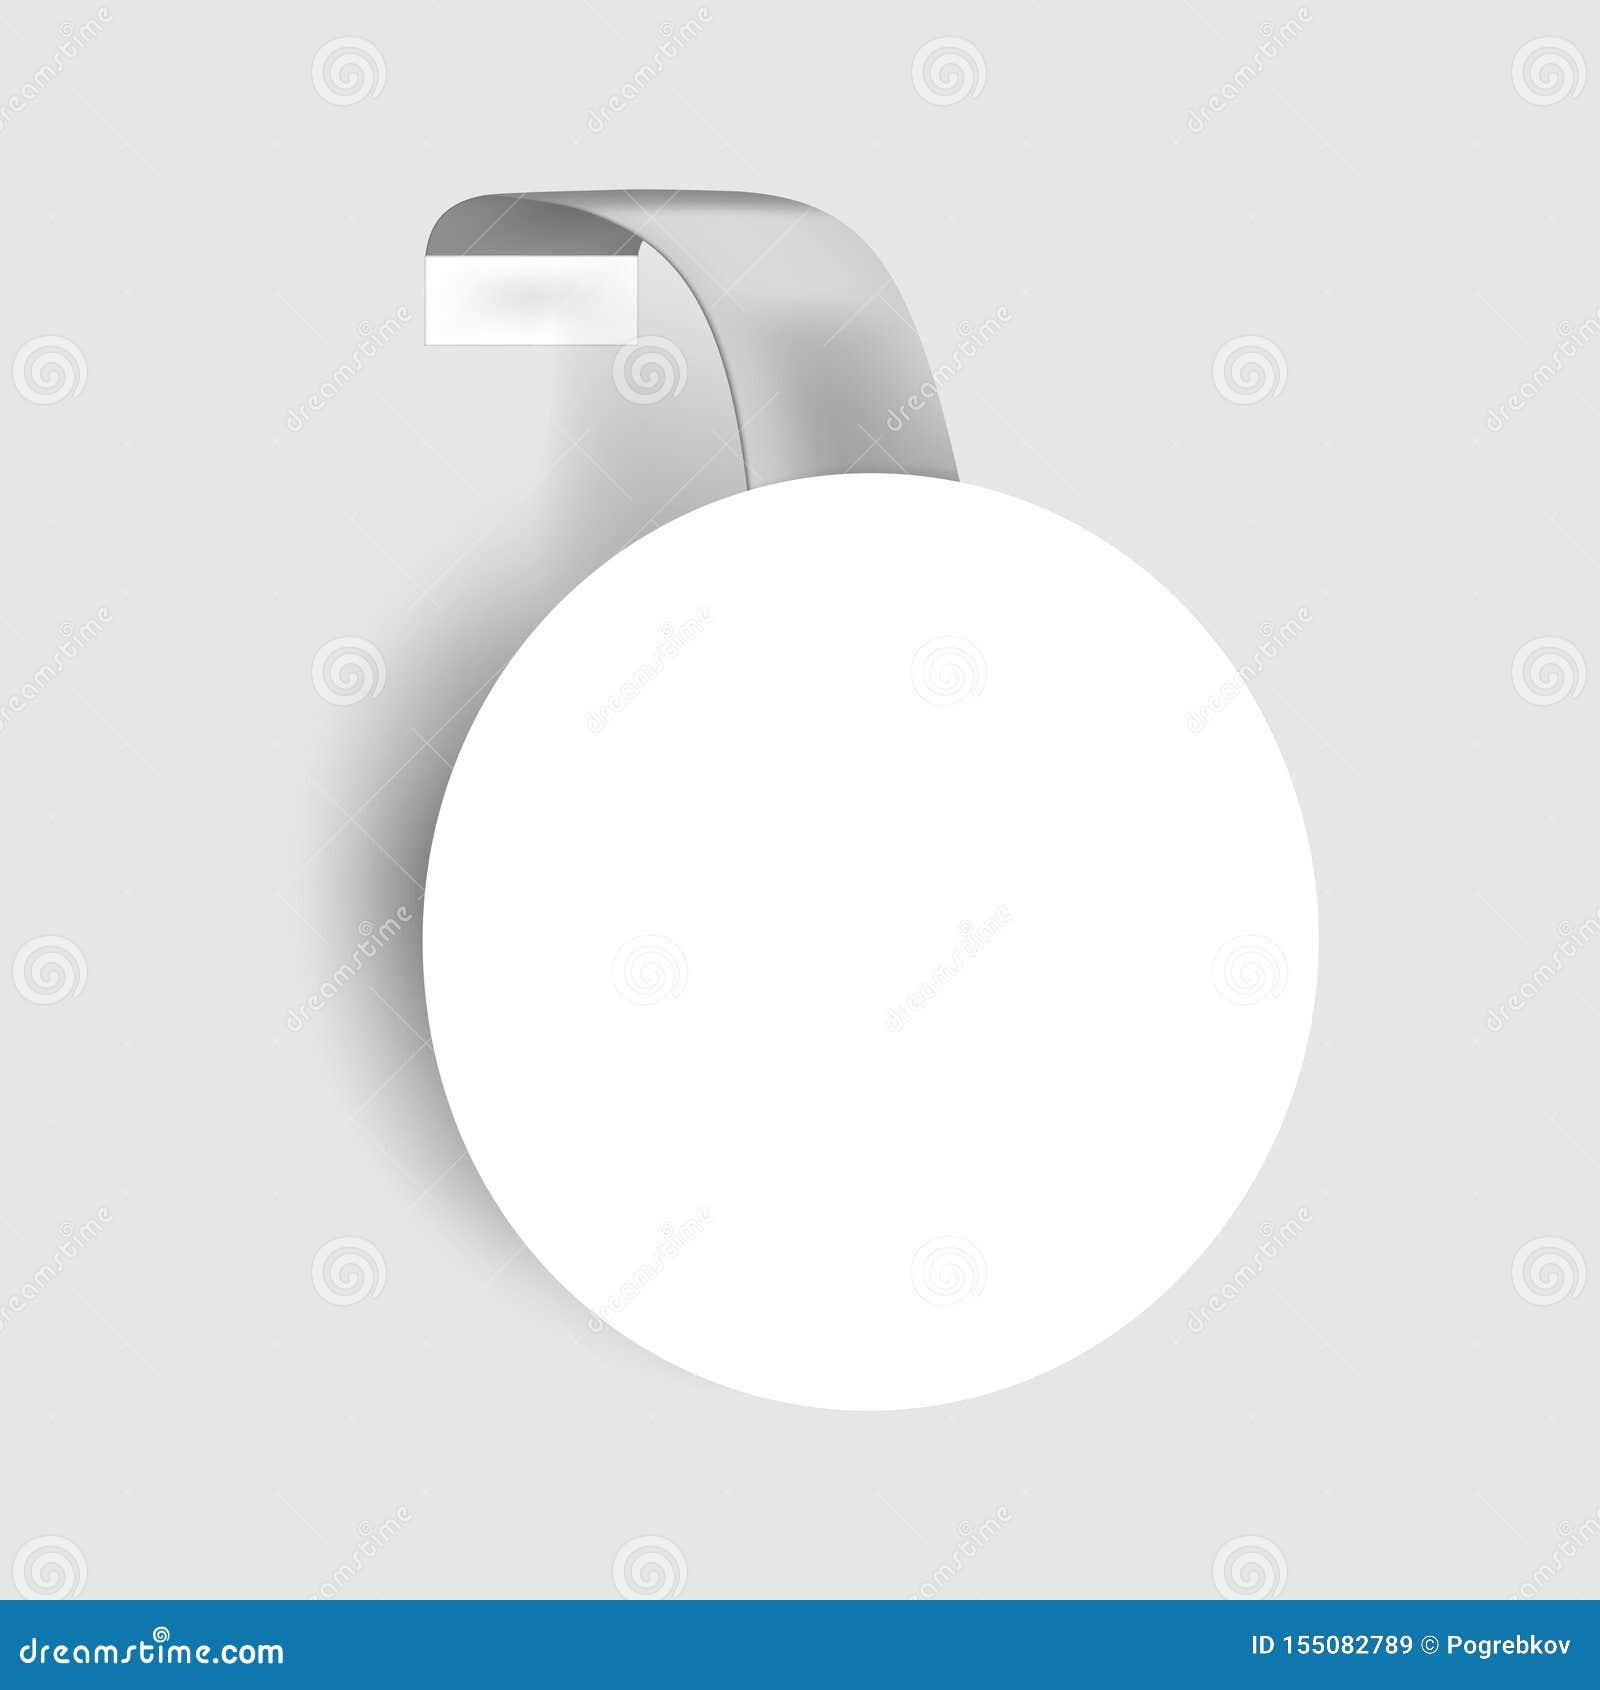 Logo Mockup Circular White Sign